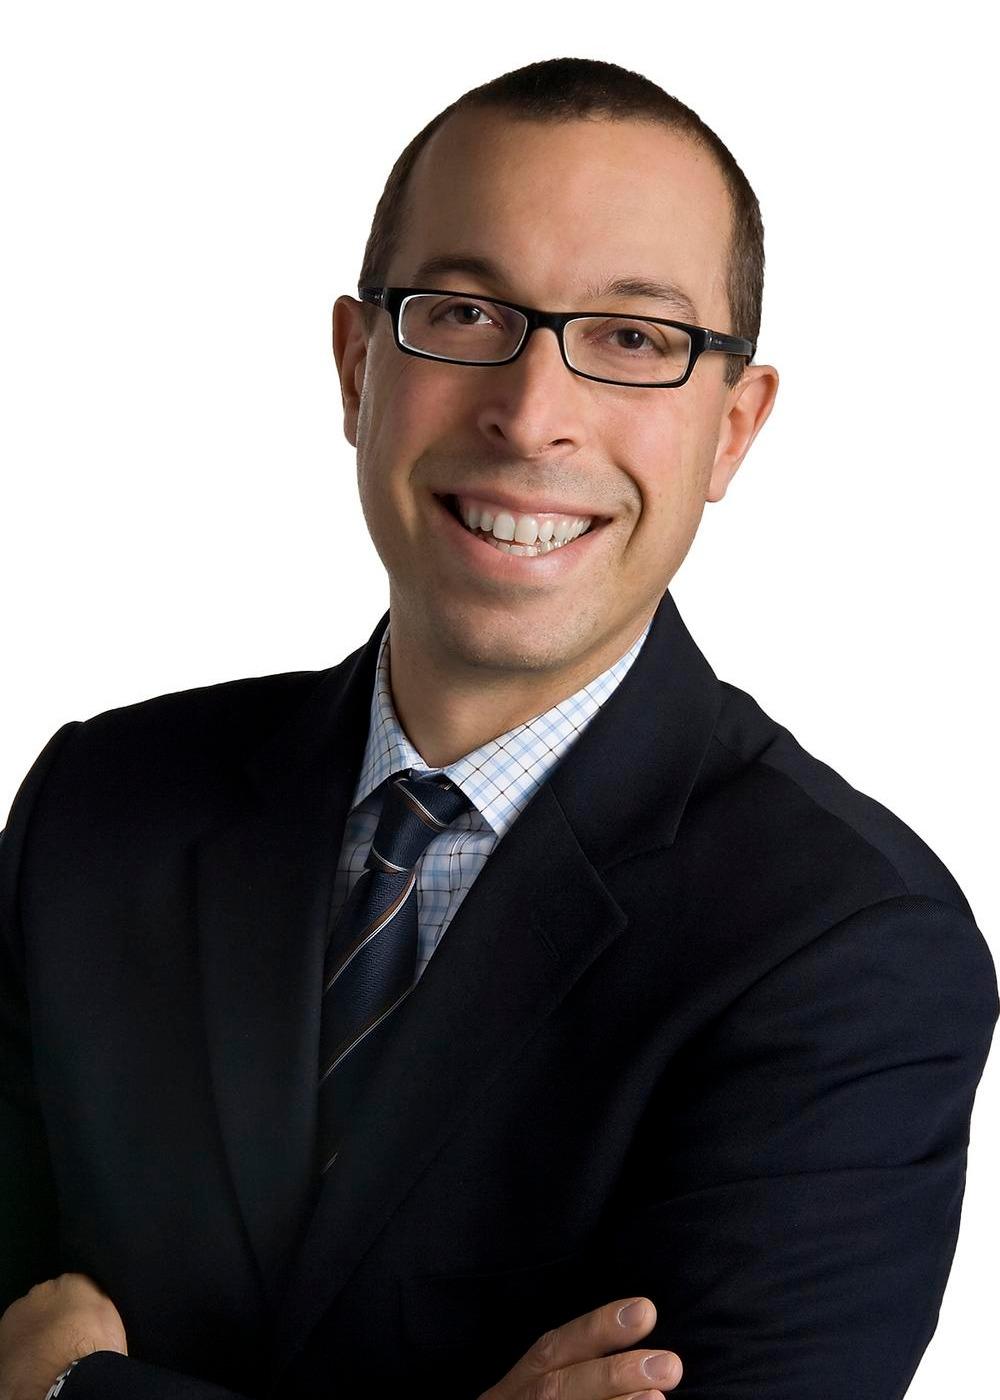 David E. Appel, CLU, ChFC®, AEP® Photo